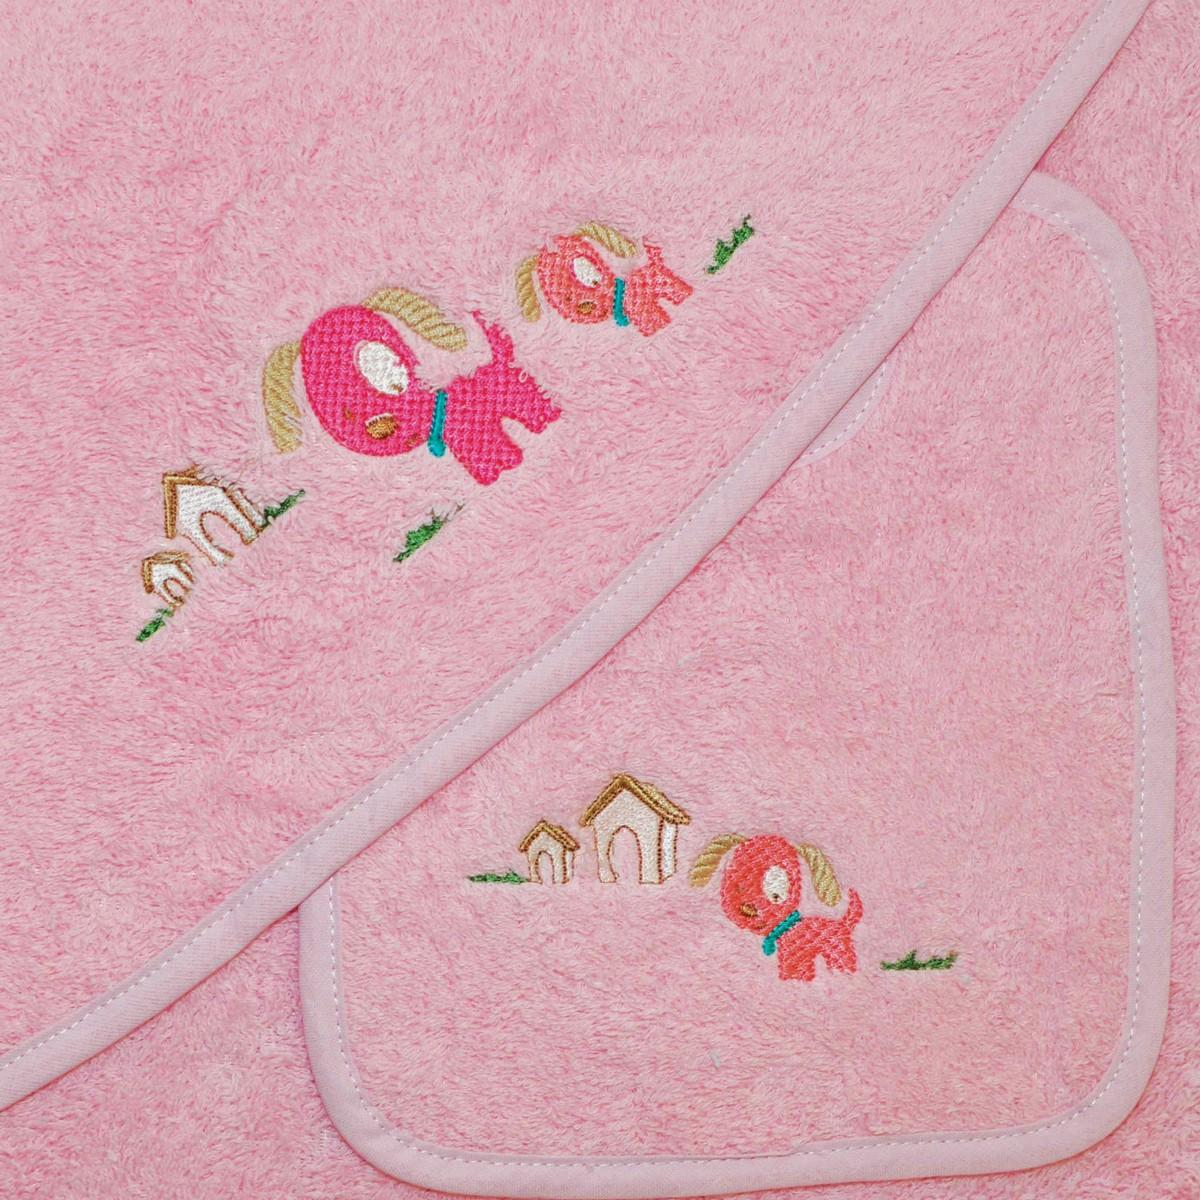 Βρεφική Κάπα + Σαλιάρα Morven 610 Pink home   βρεφικά   κάπες βρεφικές